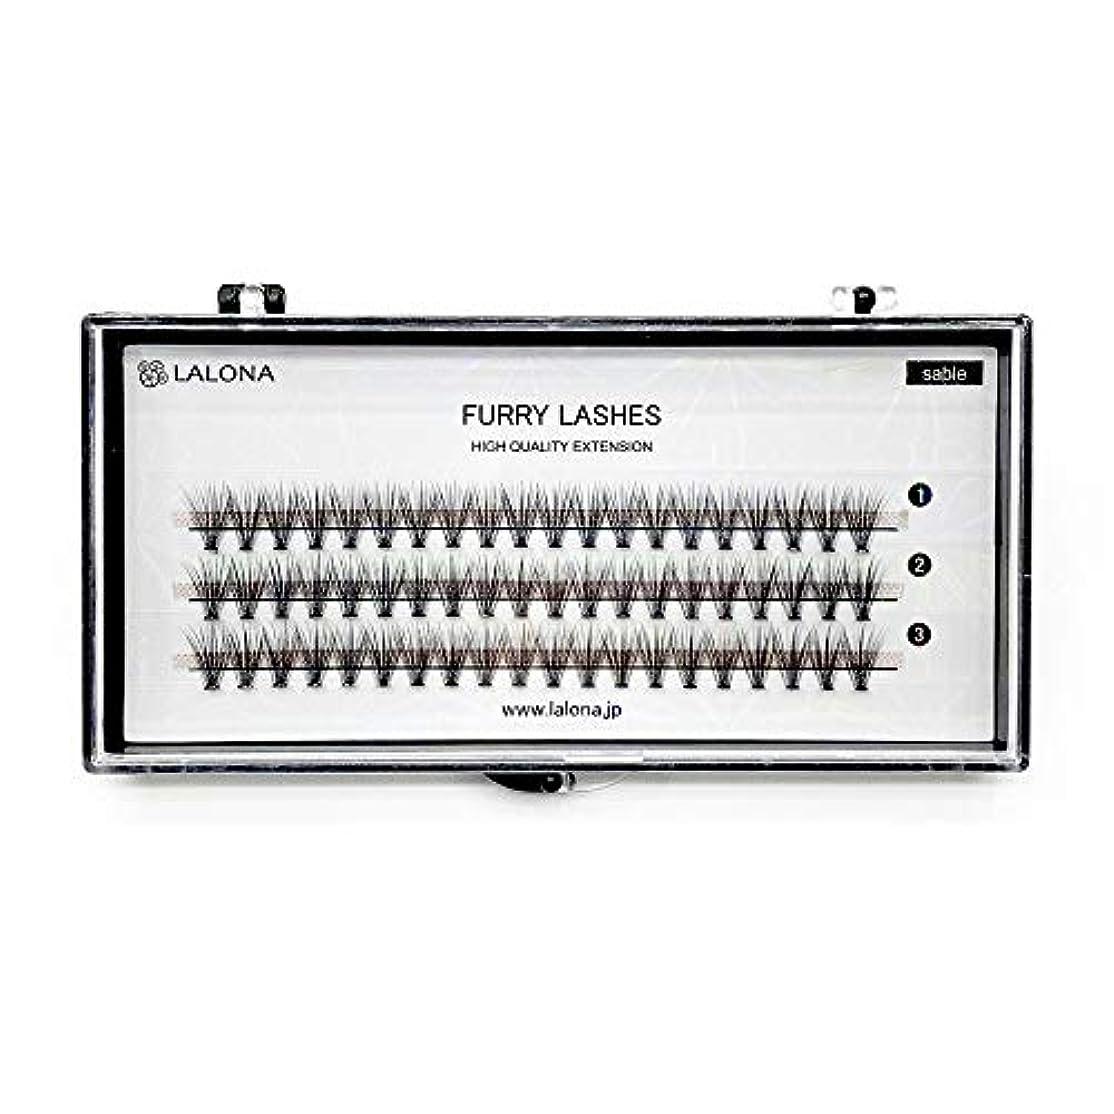 ペフペニー透けるLALONA [ ラローナ ] ファーリーラッシュ (30D) (60pcs) まつげエクステ 30本束 フレアラッシュ まつエク マツエク 束まつげ セーブル (0.05 / 8mm)